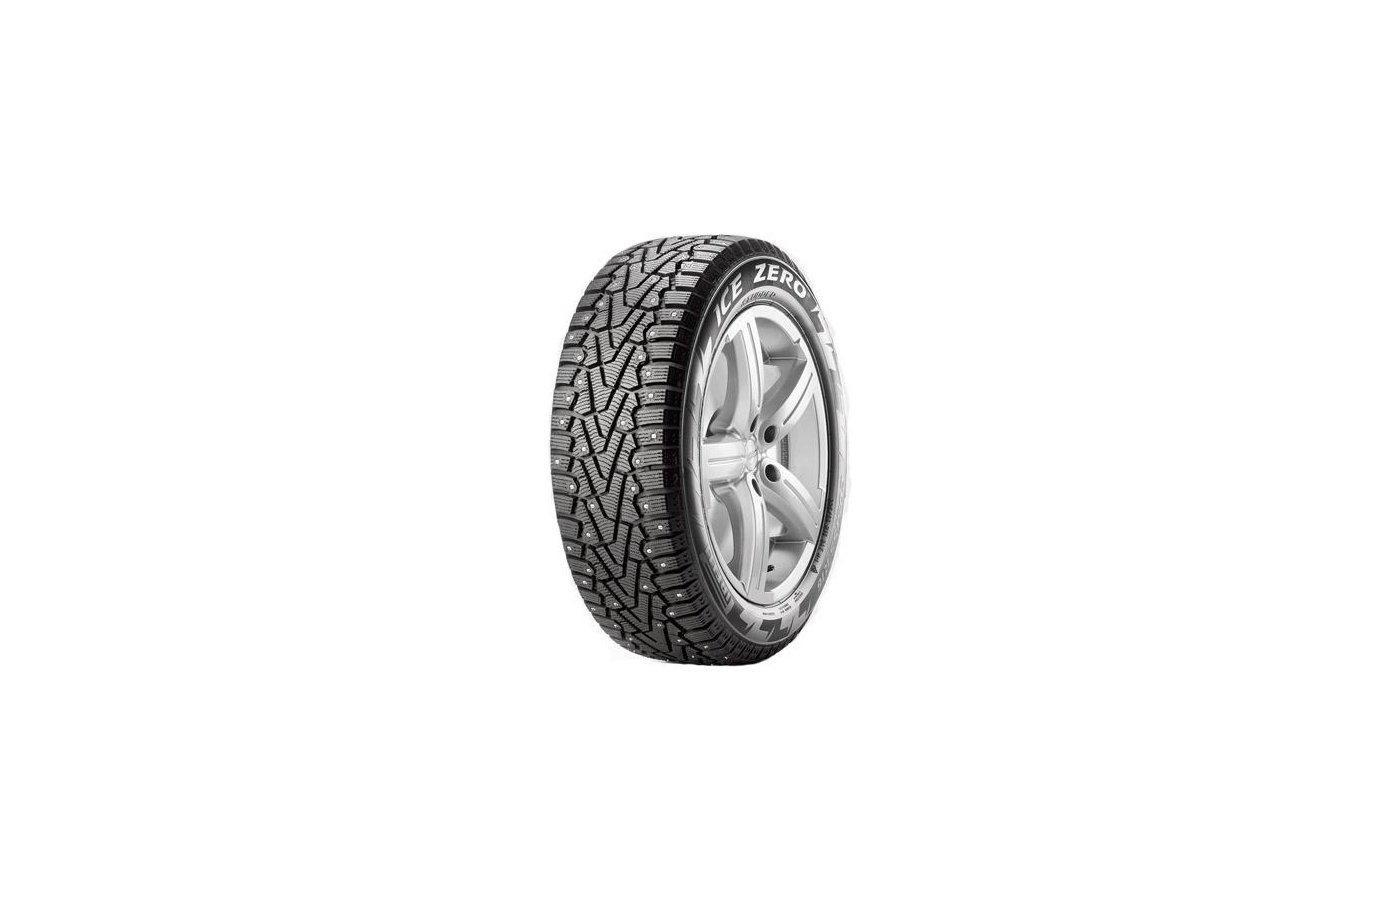 Шина Pirelli Winter Ice Zero 185/60 R14 TL 82T шип